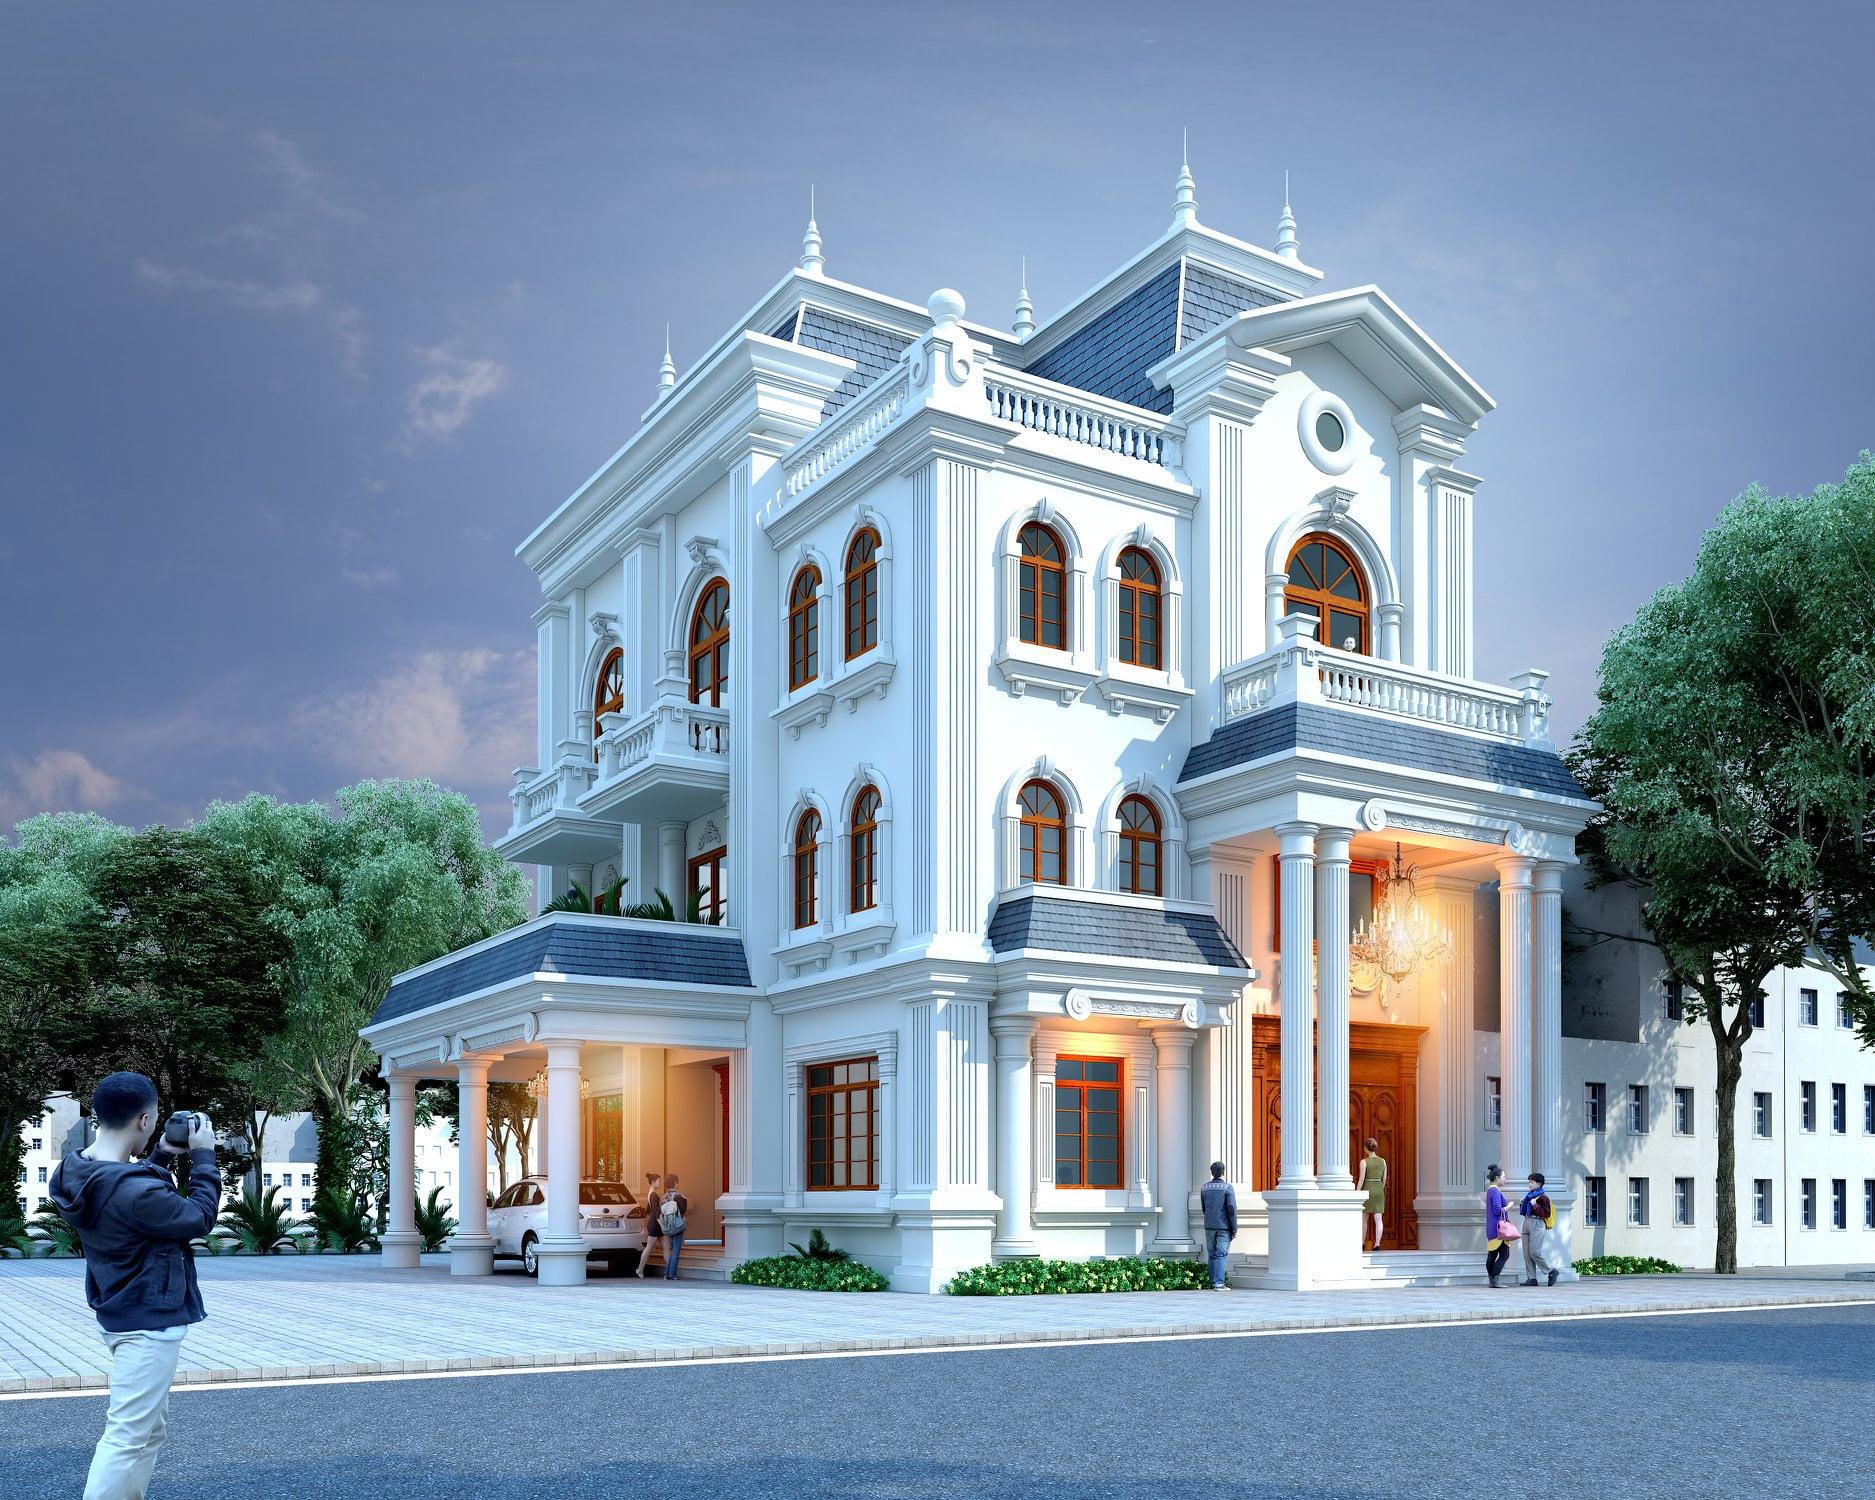 Nhà phố tân cổ điển ở Quảng Ninh